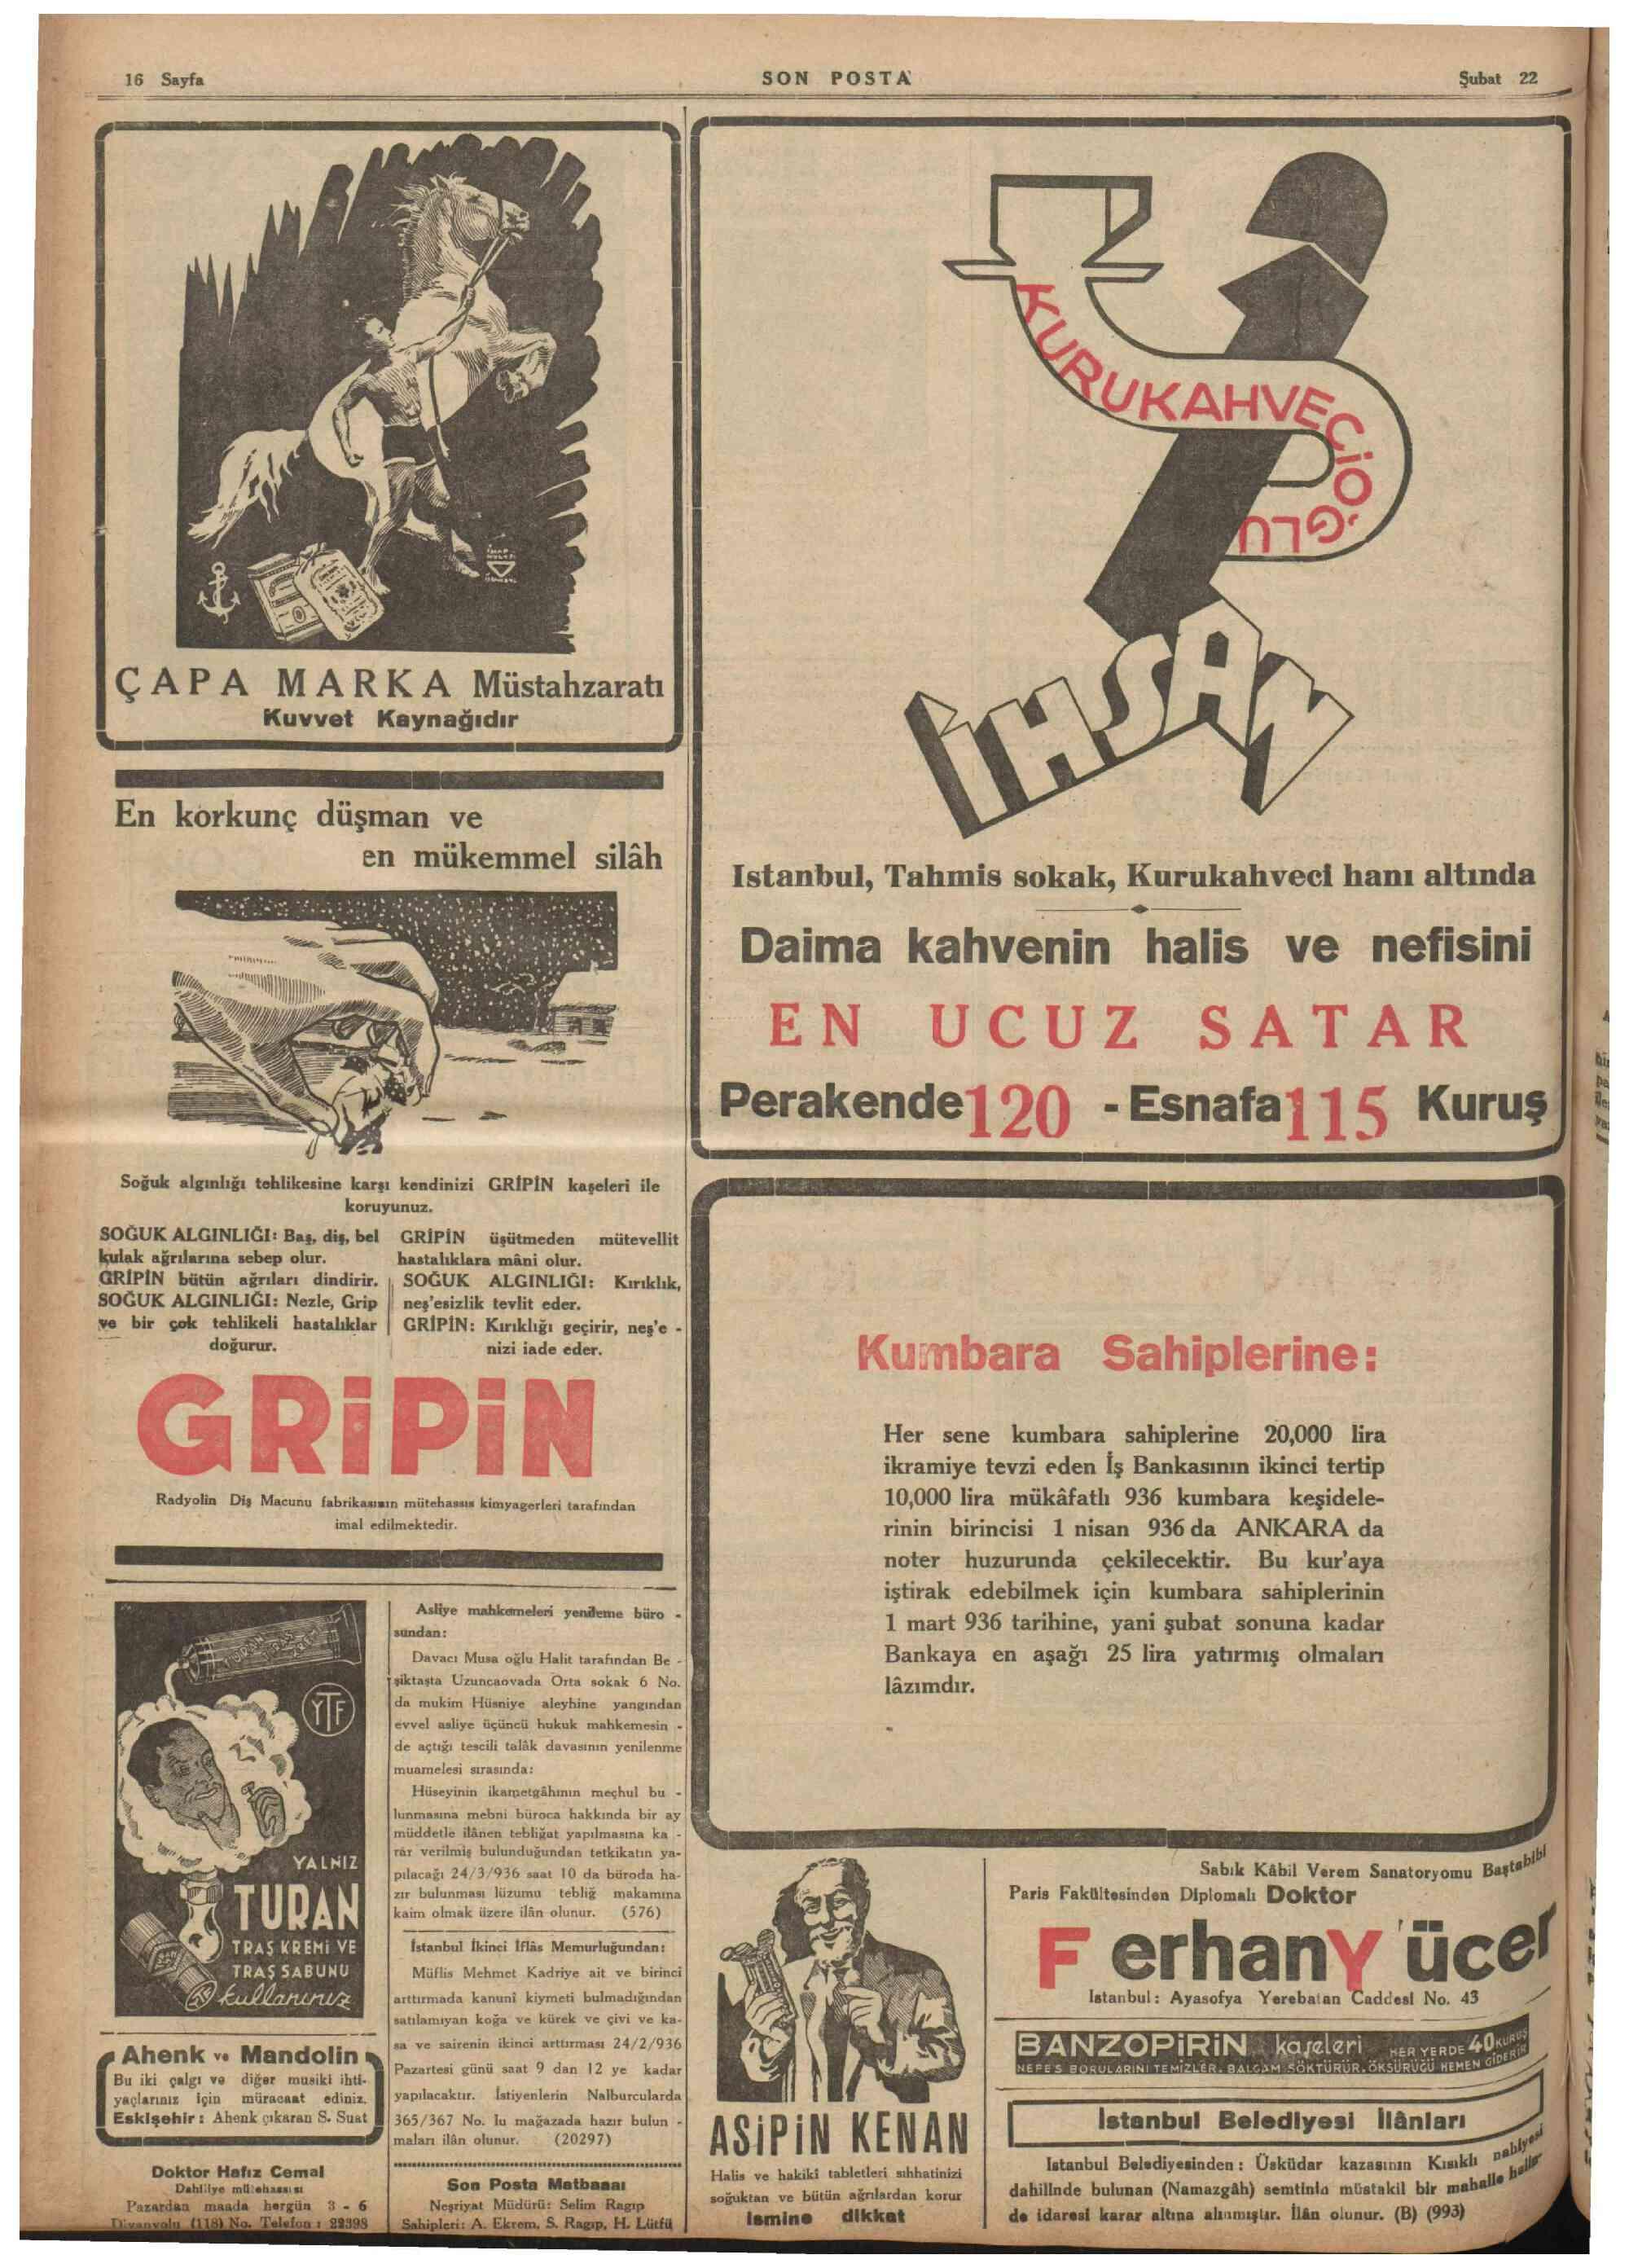 23 Şubat 1936 Tarihli Son Posta Gazetesi Sayfa 1